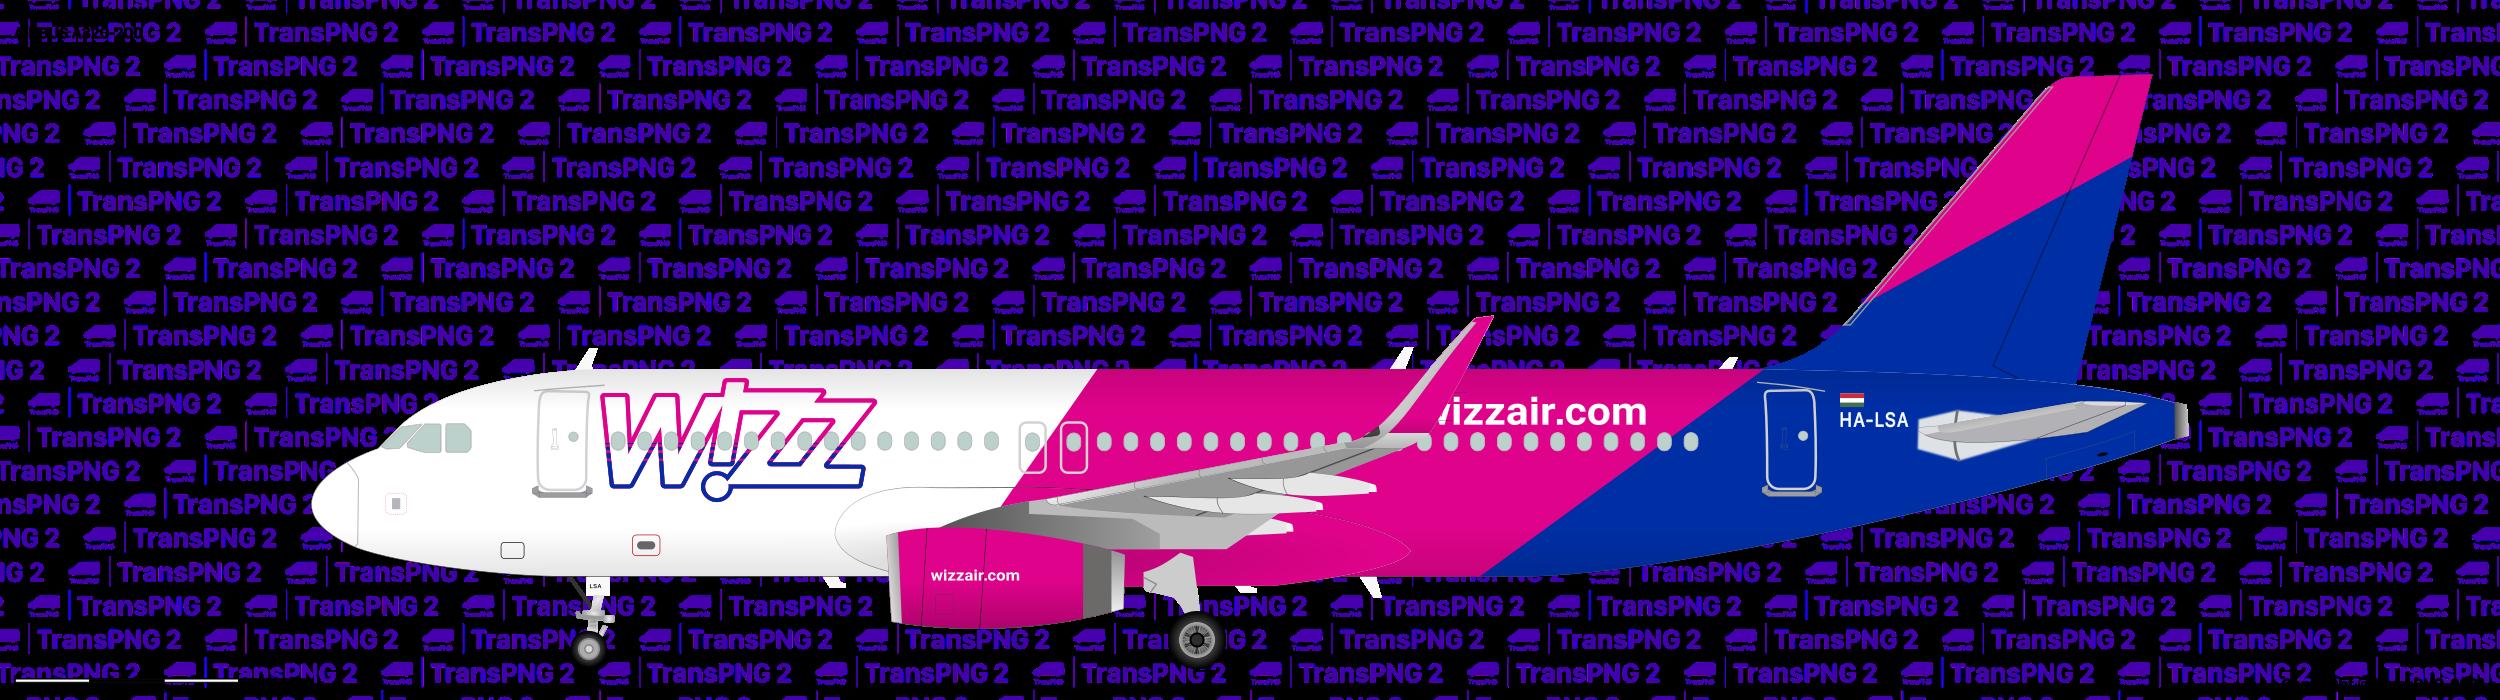 TransPNG.net | 分享世界各地多種交通工具的優秀繪圖 - 飛機 25134